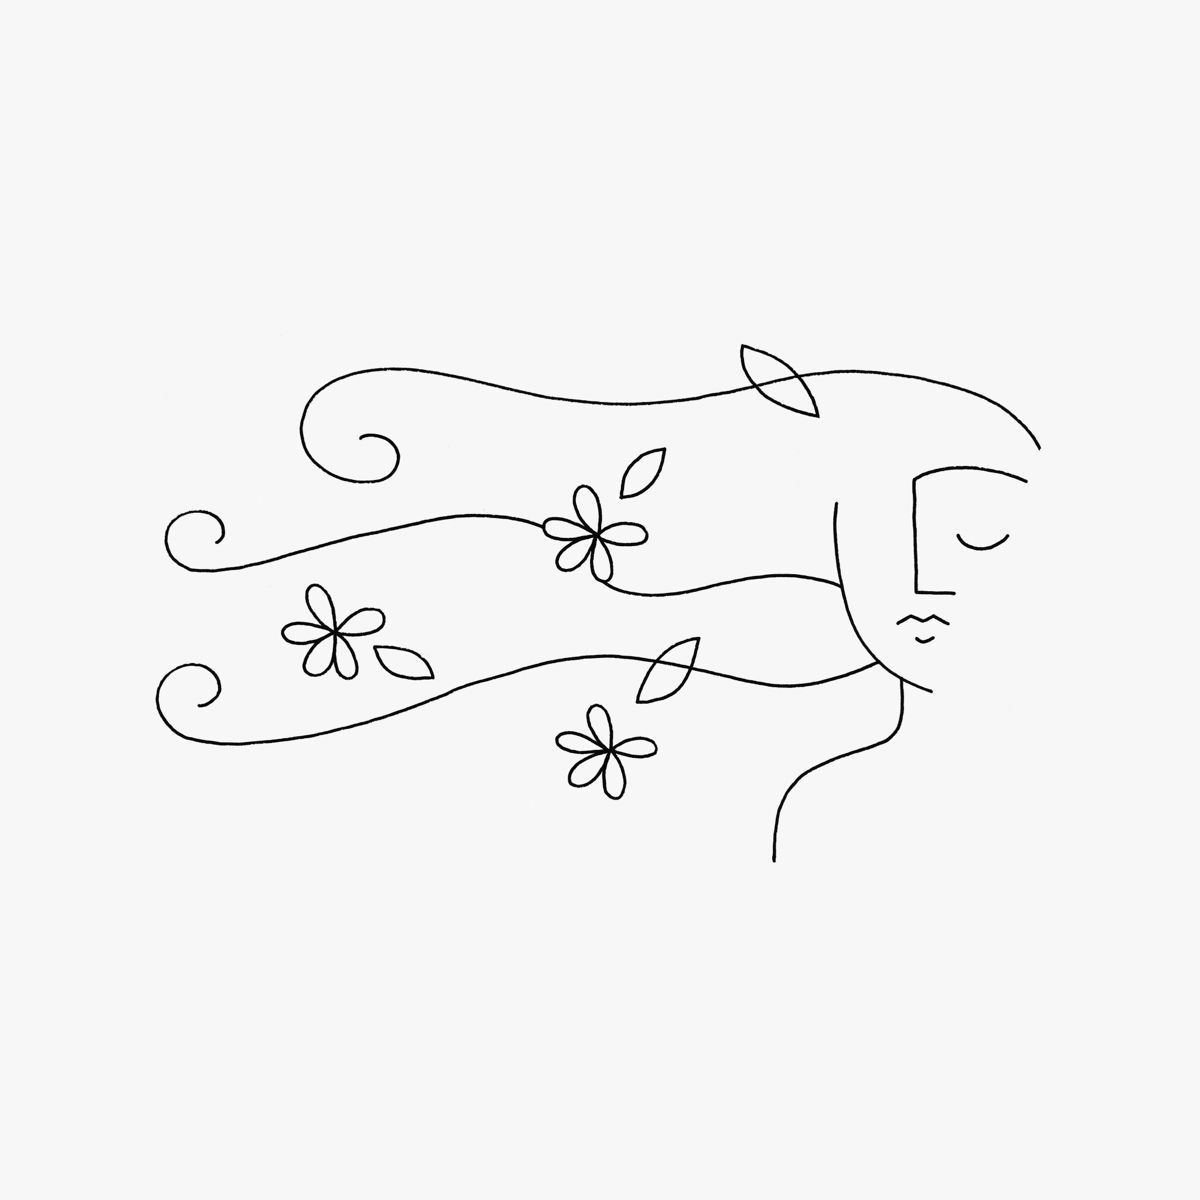 Tuto dessin facile.